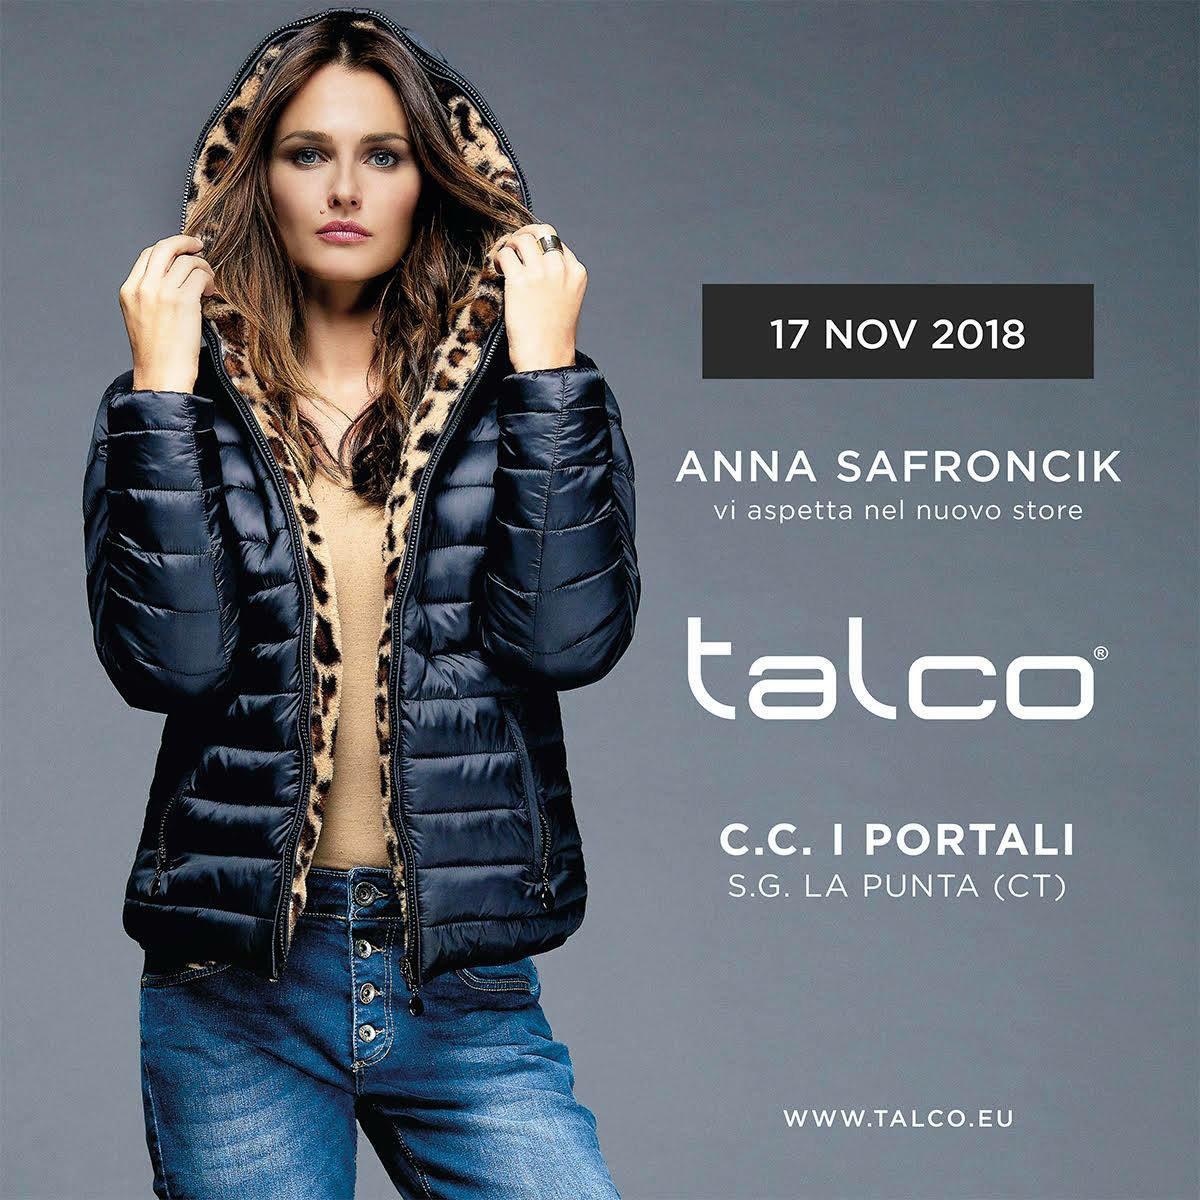 La Bella Attrice Anna Safroncik Per Il Nuovo Store Del Marchio Talco In